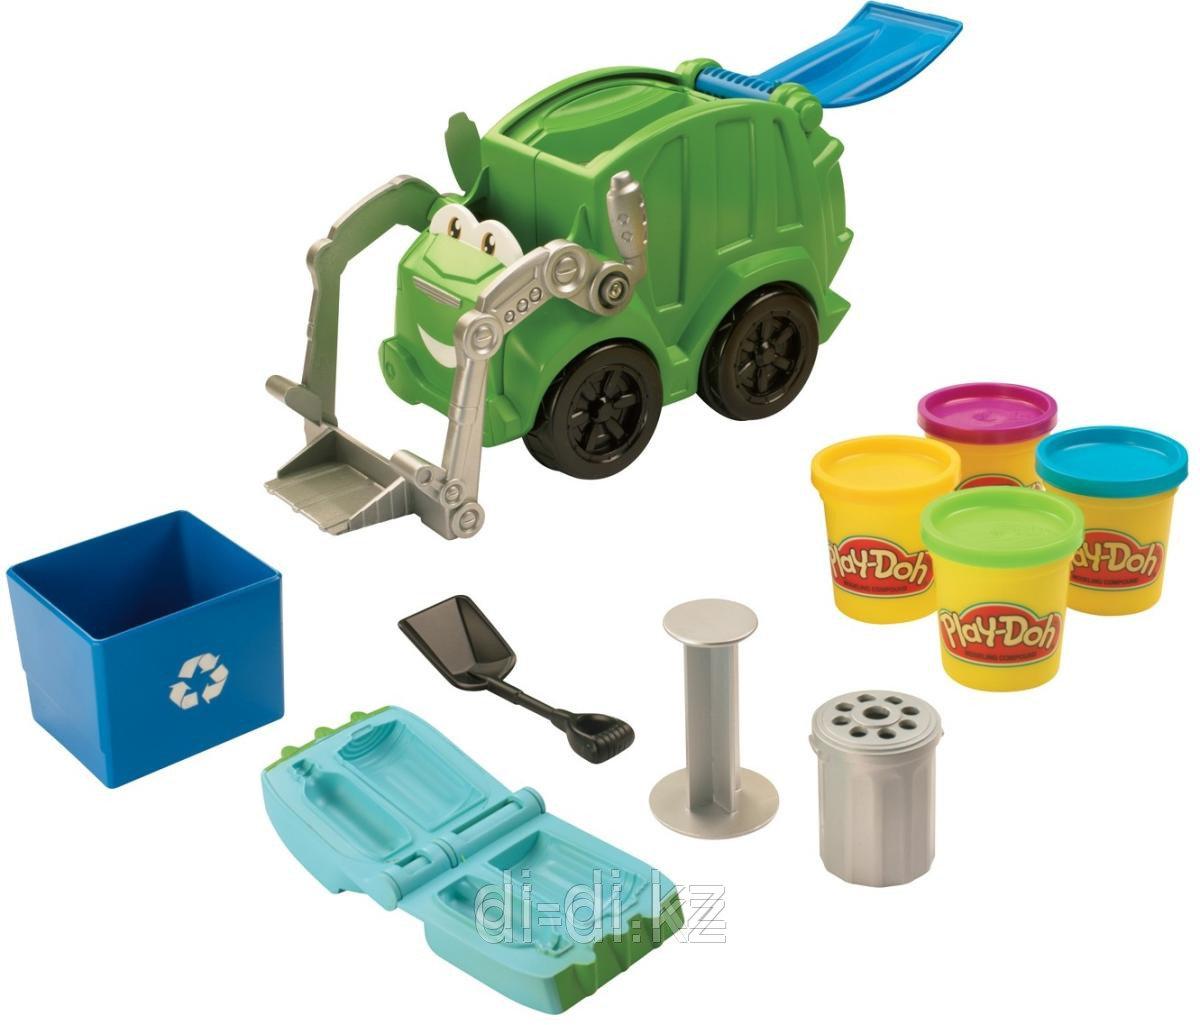 Набор Play-Doh Дружелюбный Руди Hasbro A3672